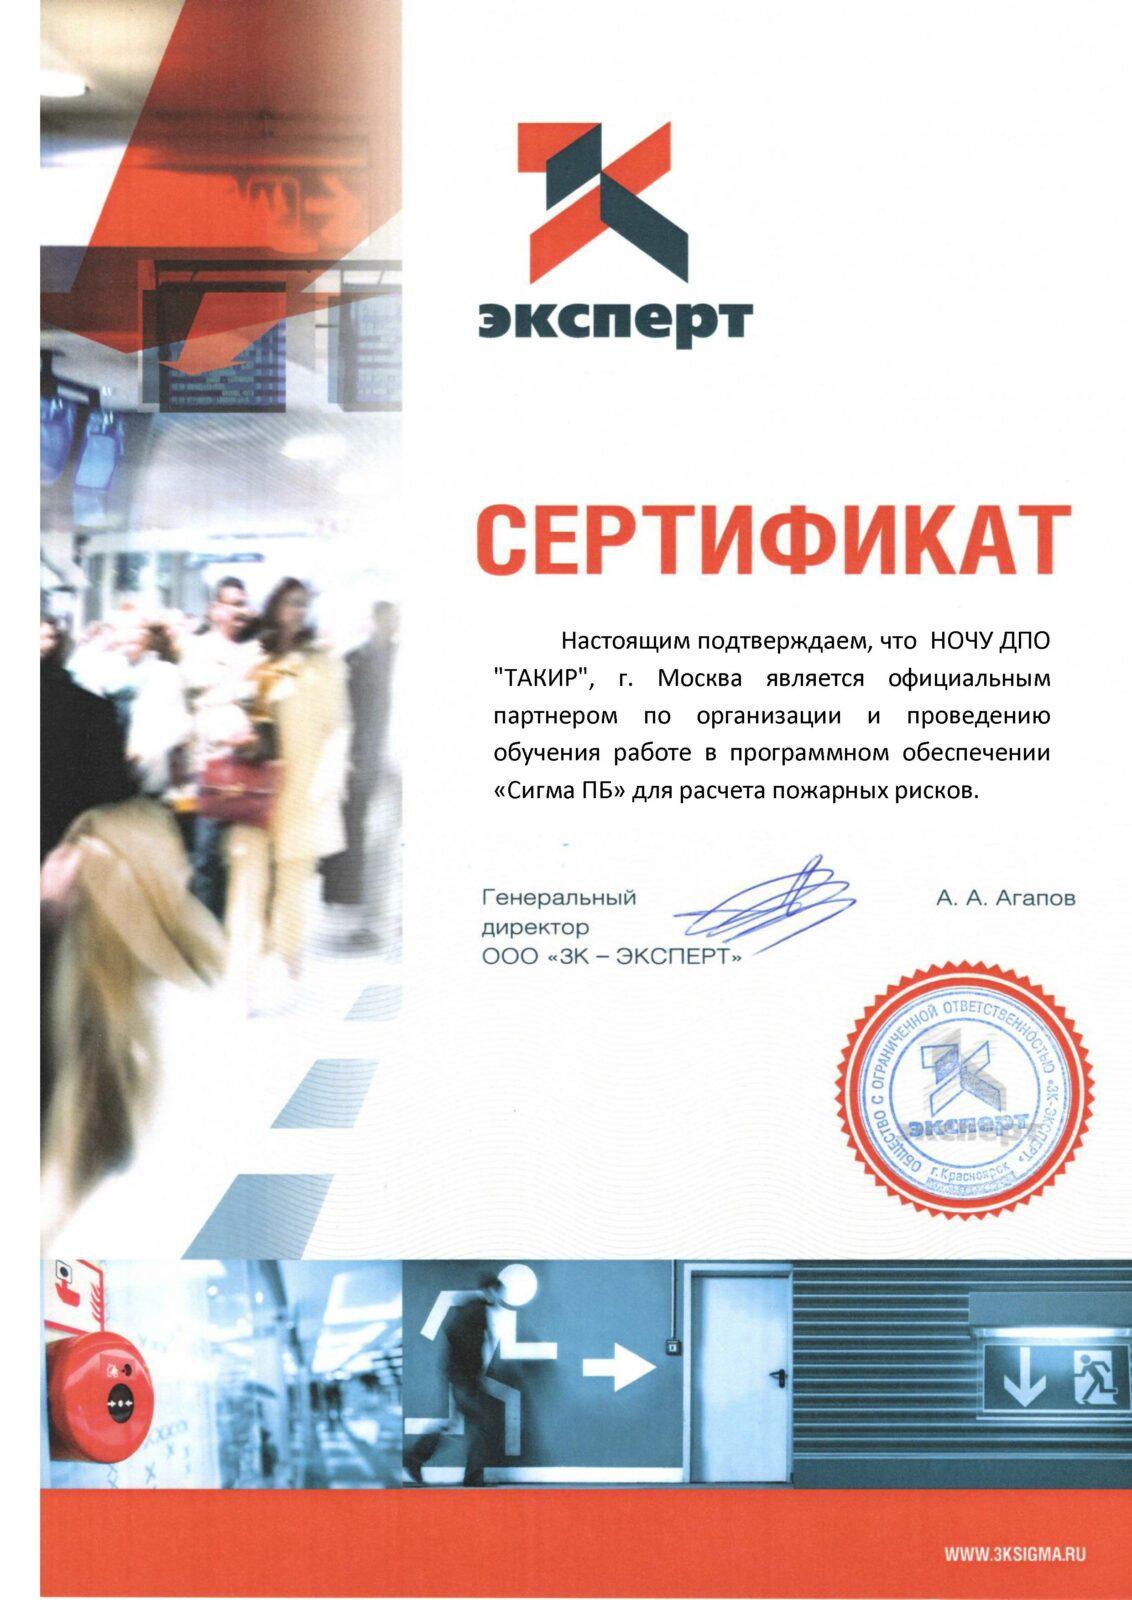 Аккредитация от Компании 3К-ЭКСПЕРТ